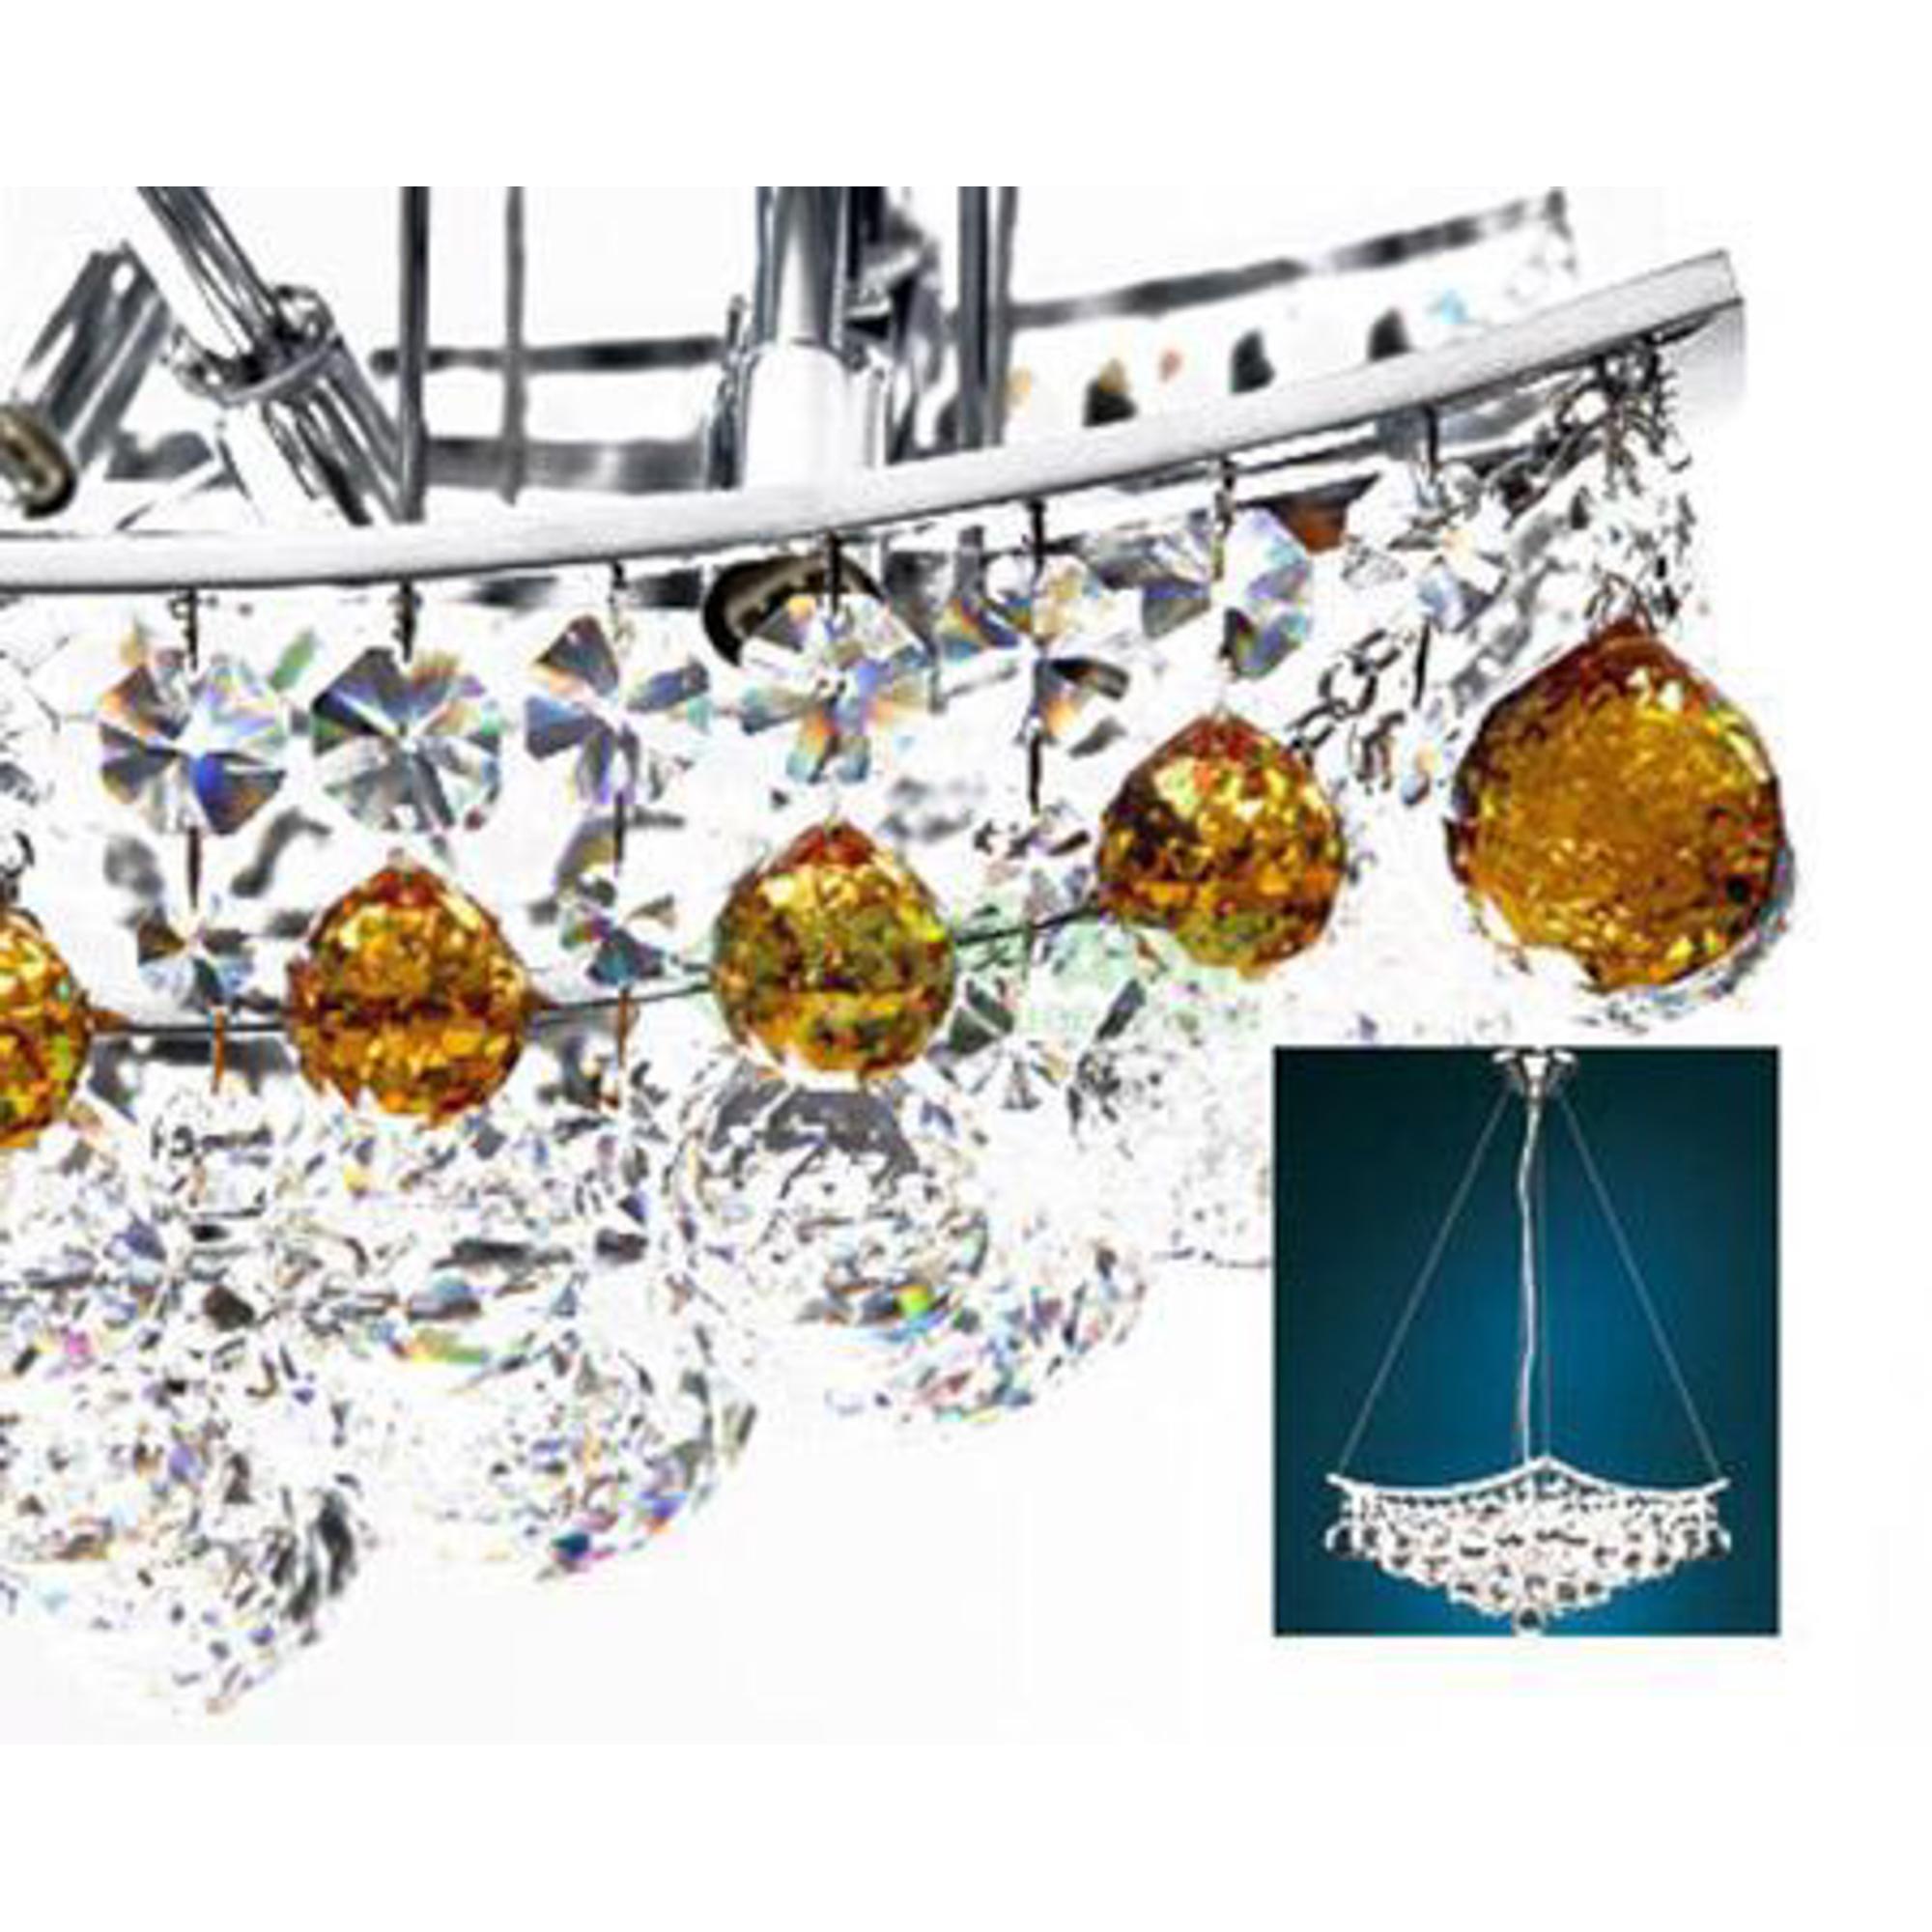 Люстра подвесная Lampister B-681c43tz/L Gold Topaz фото